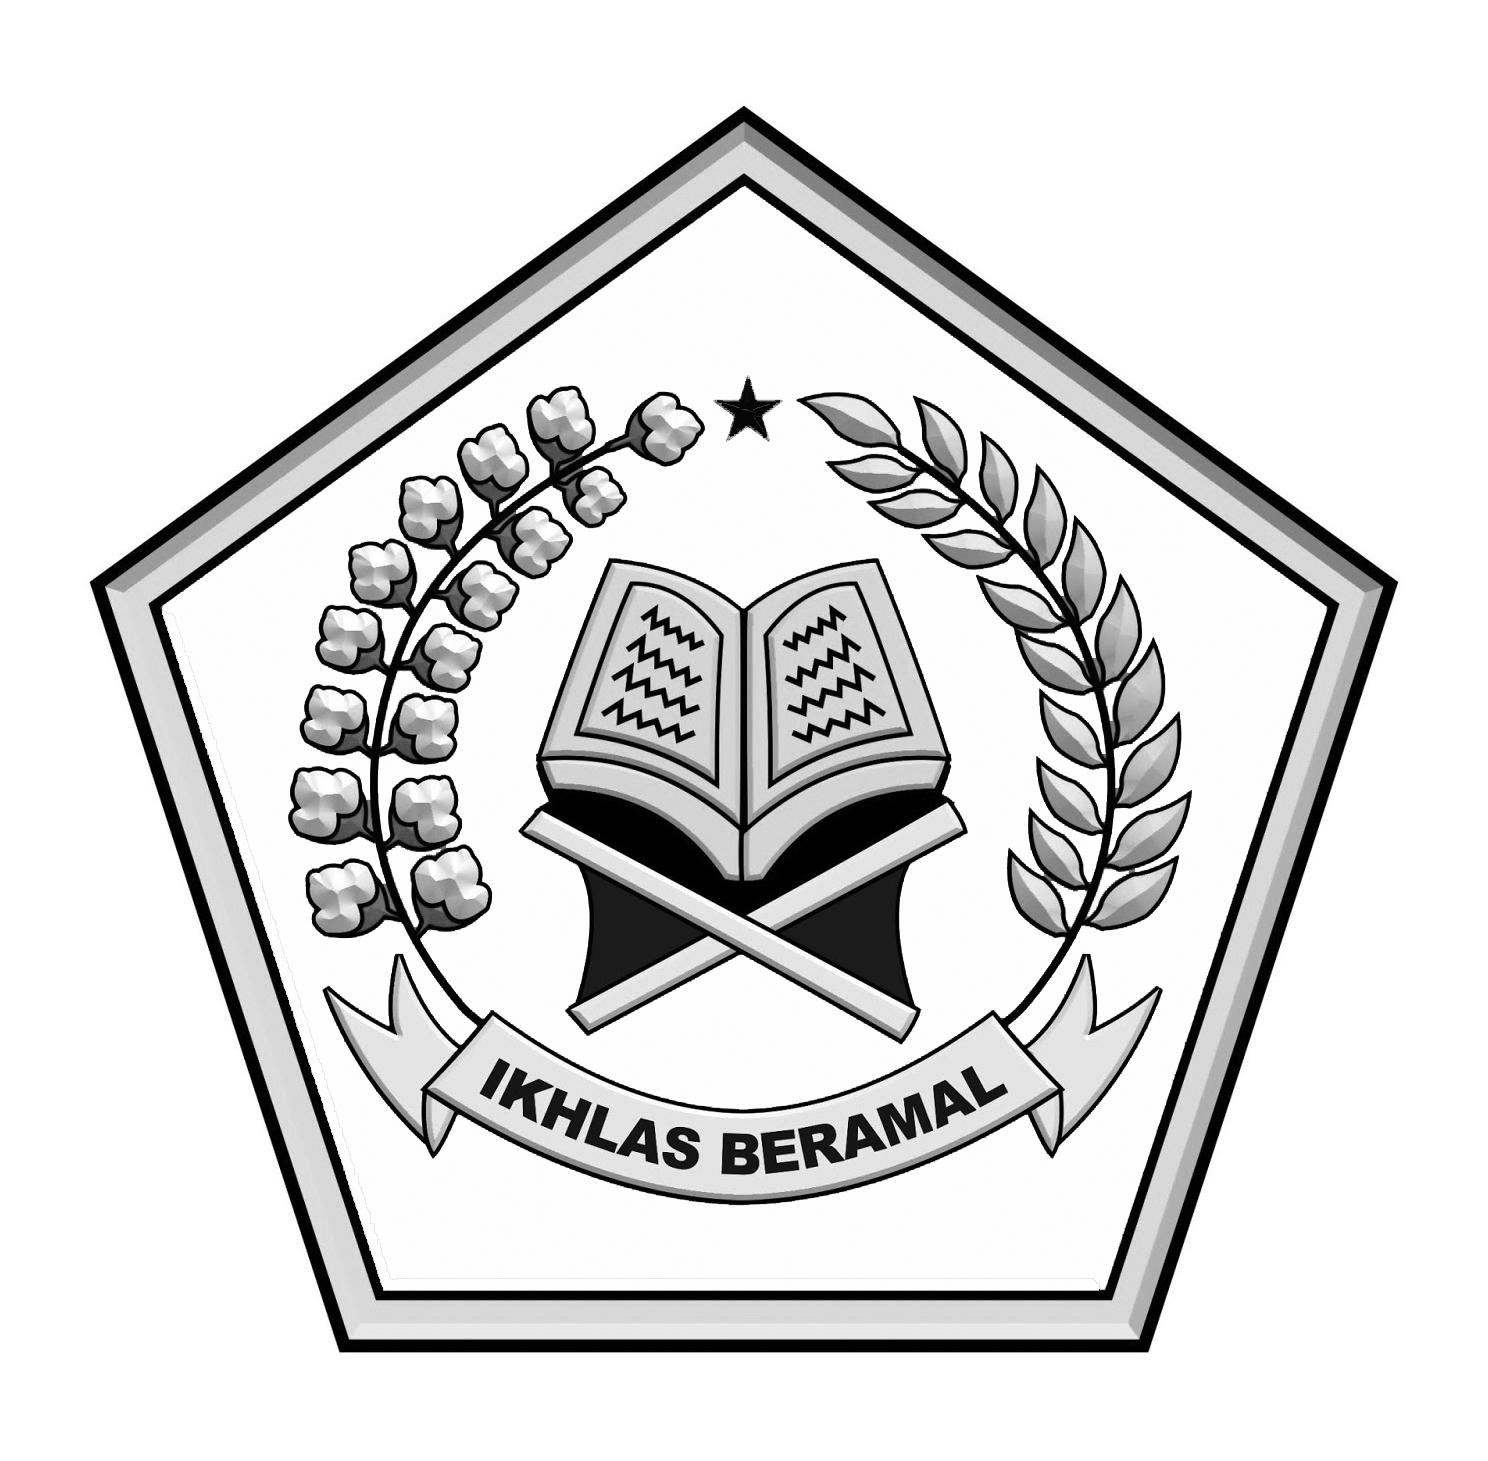 Logo Ikhlas BeramalHitam Putih